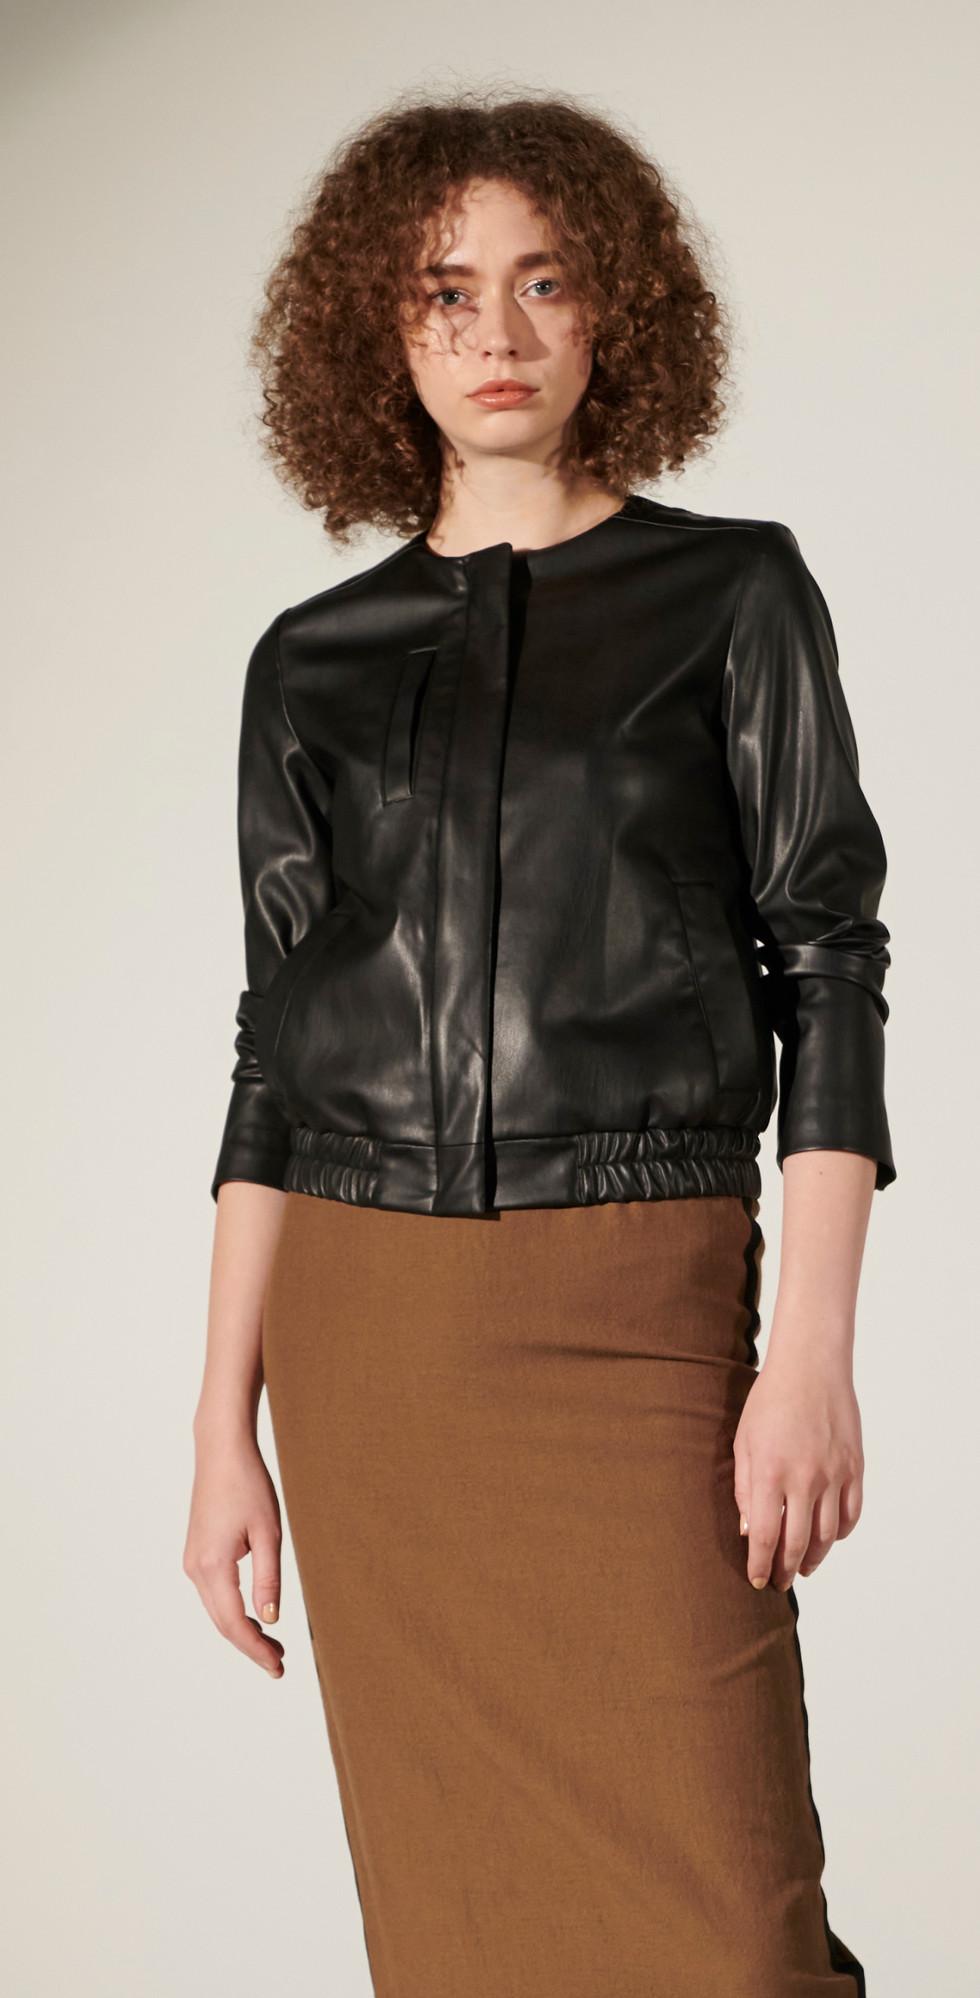 blouson R8B-13-8701 skirt R8K-38-26736